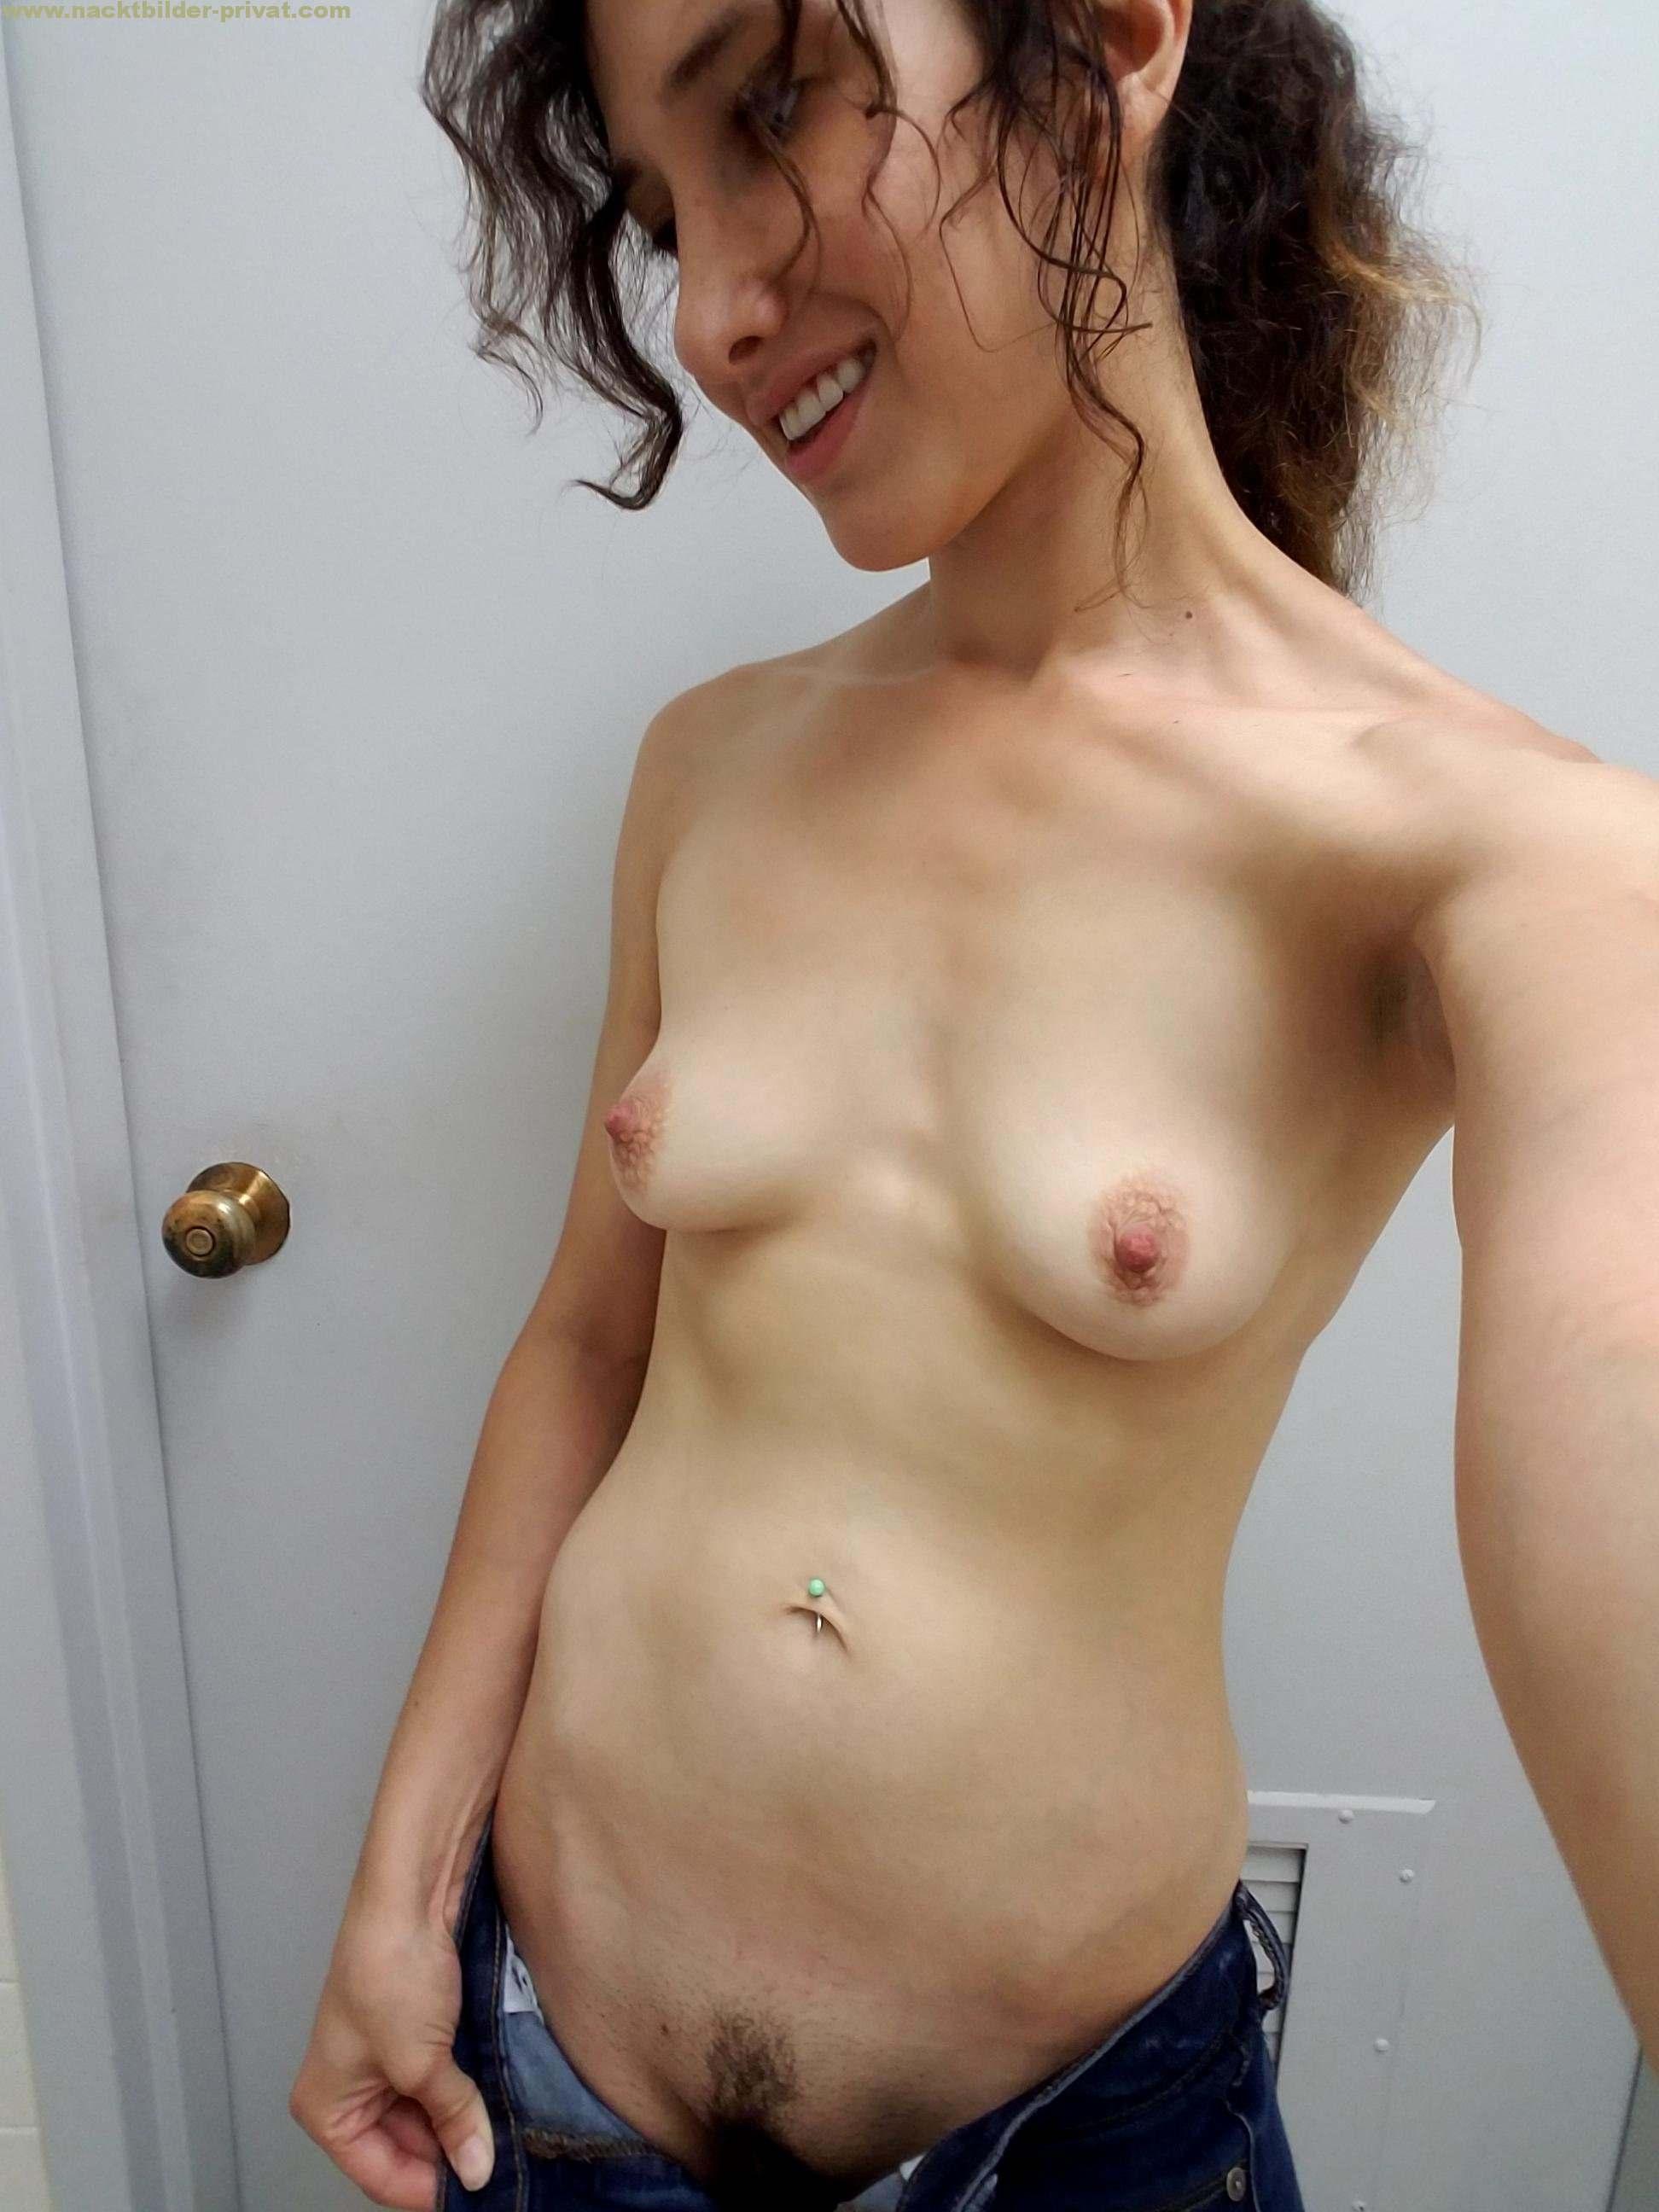 Von privat nacktbilder Geile SexBilder